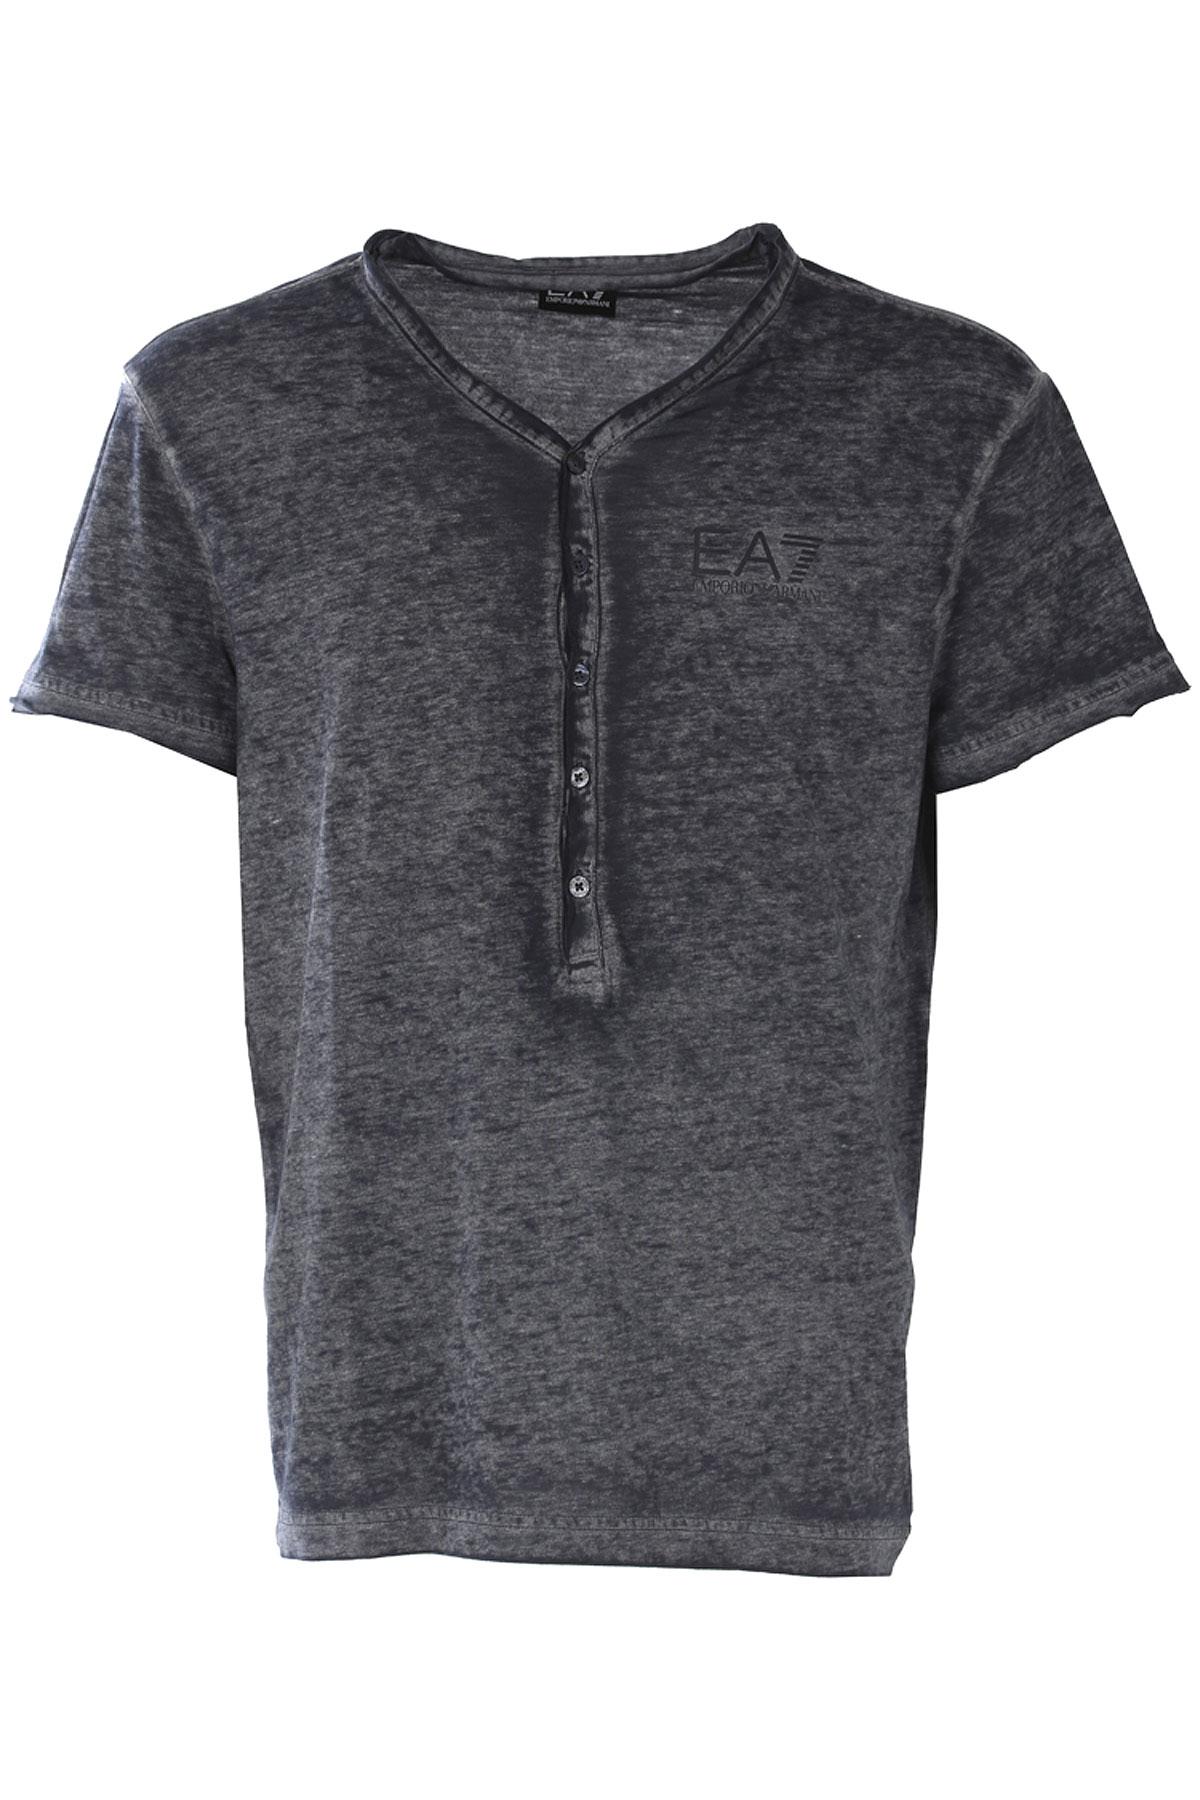 Emporio Armani T-shirt Homme, Bleu nuit, Polyester, 2017, L M S